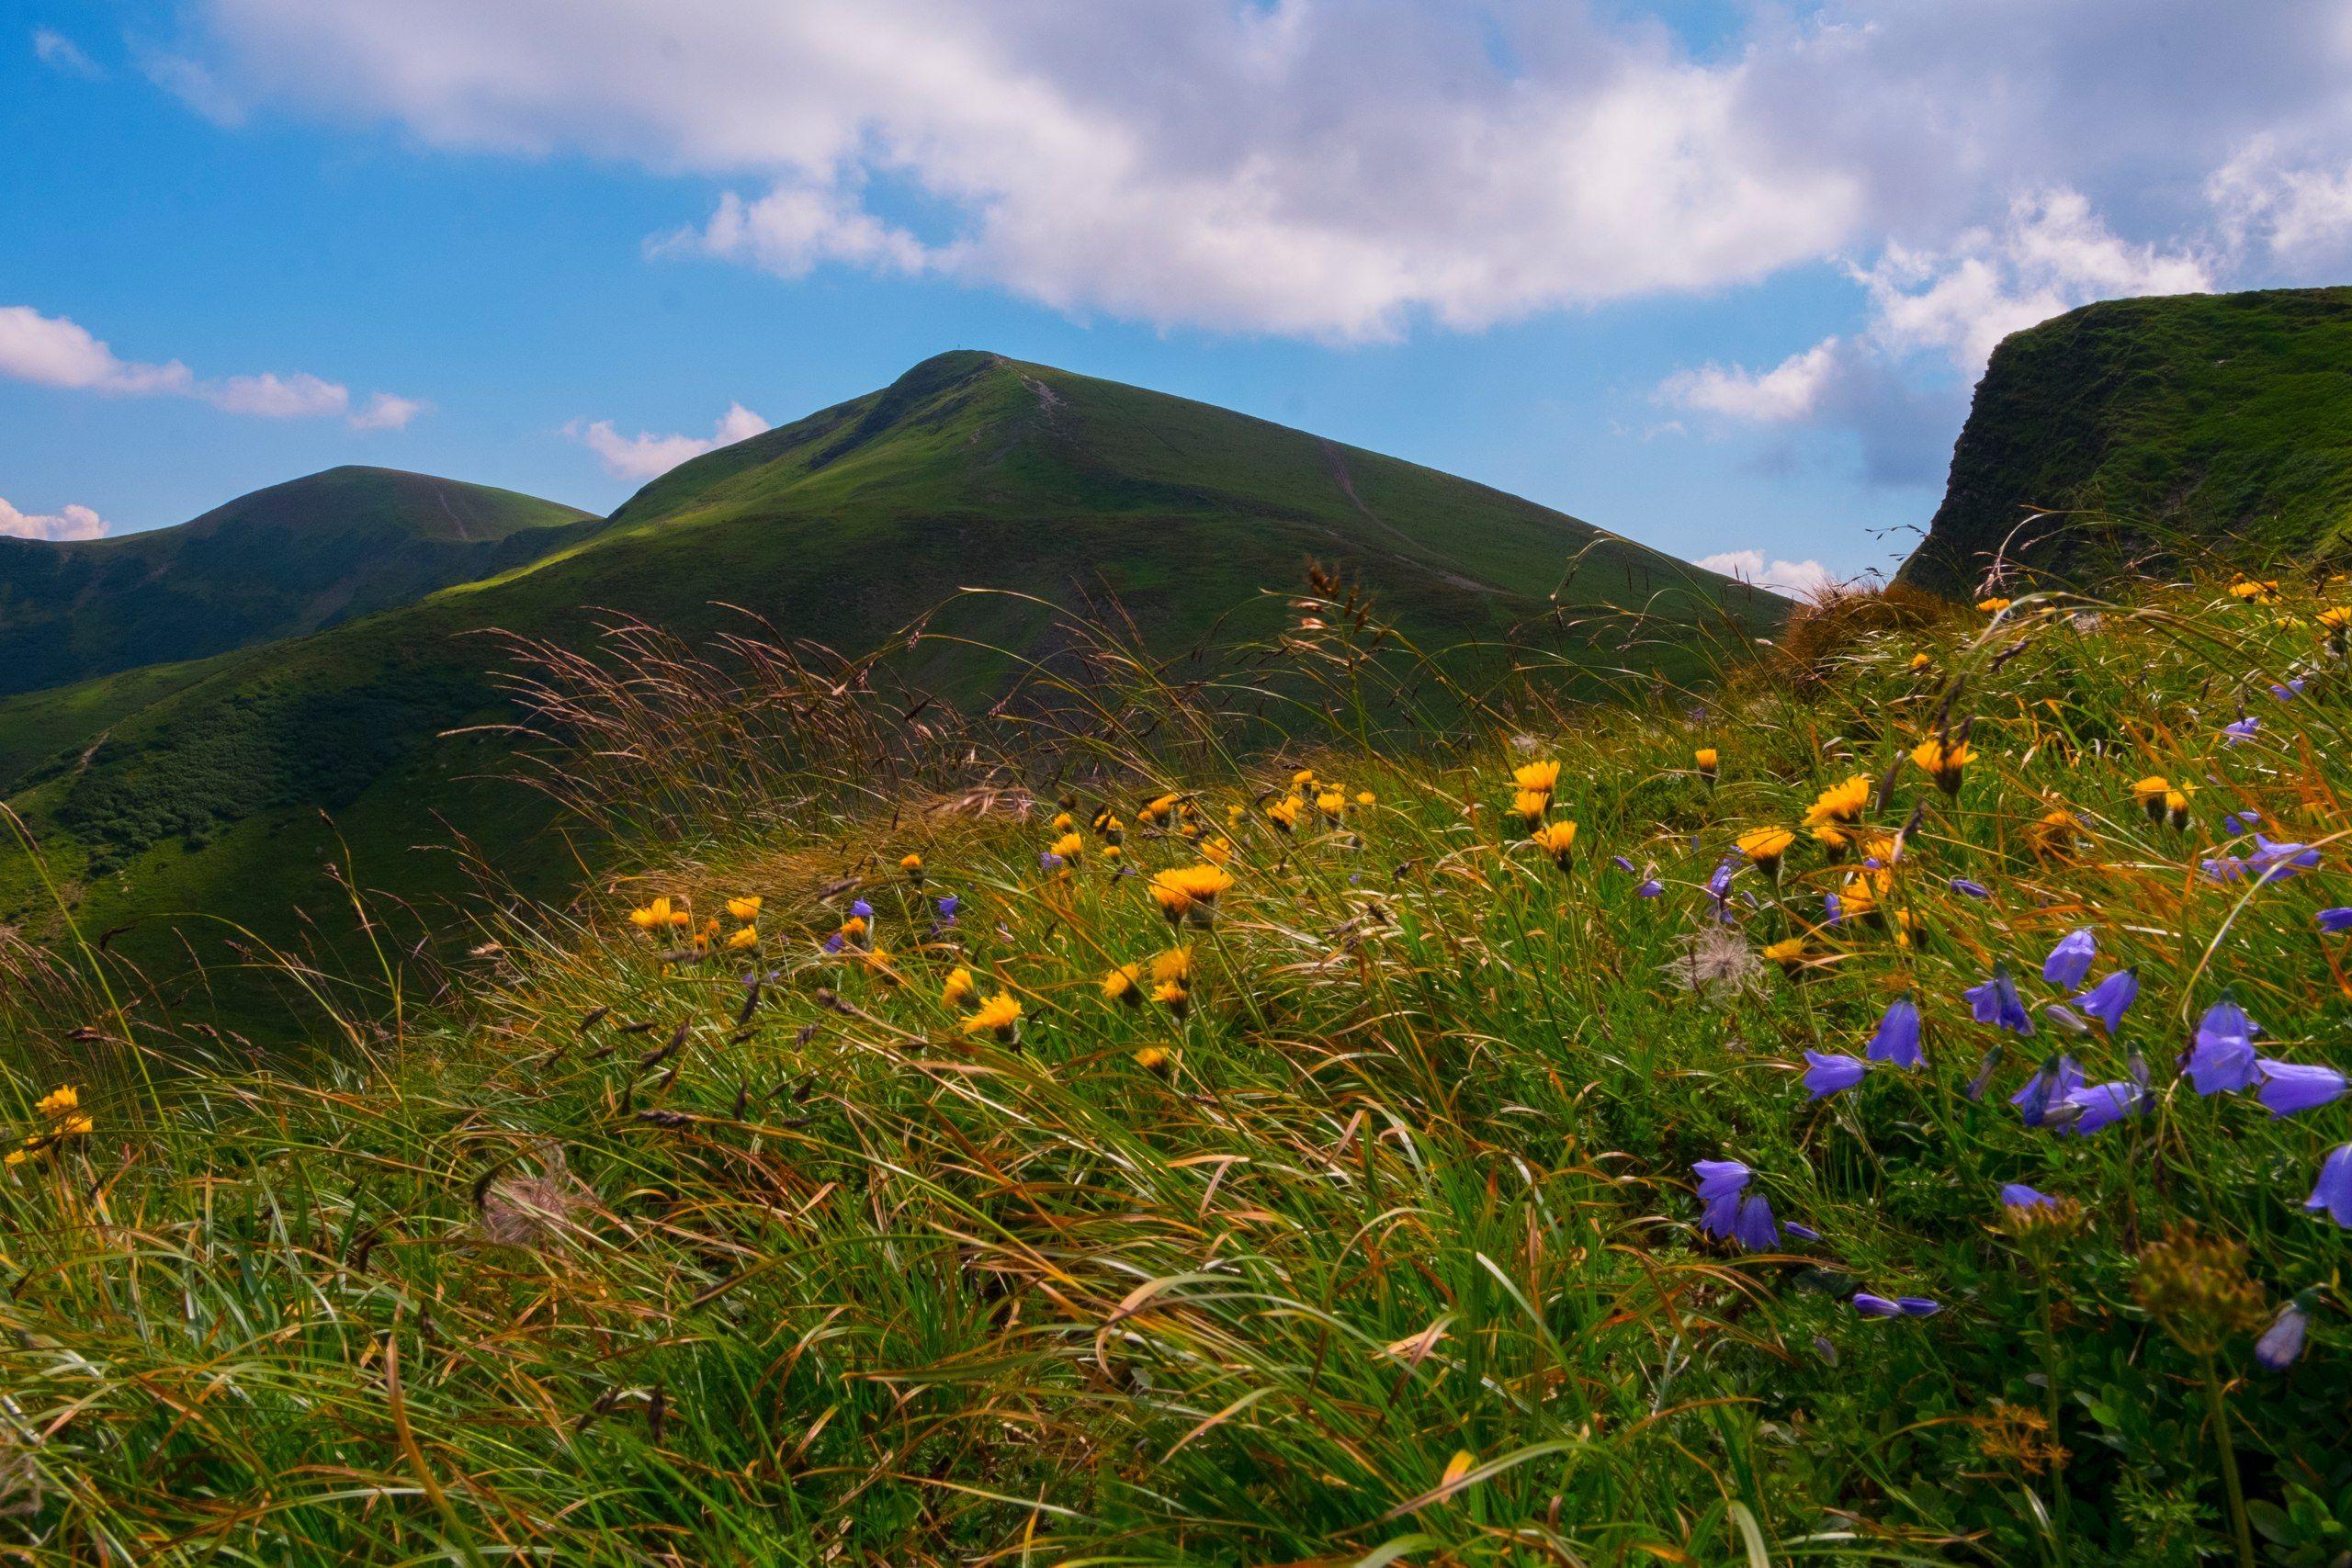 цветы, колокольчики, драгобрат, карпаты, горы, холмы, склоны, облака, природа, небо., Харланов Никита